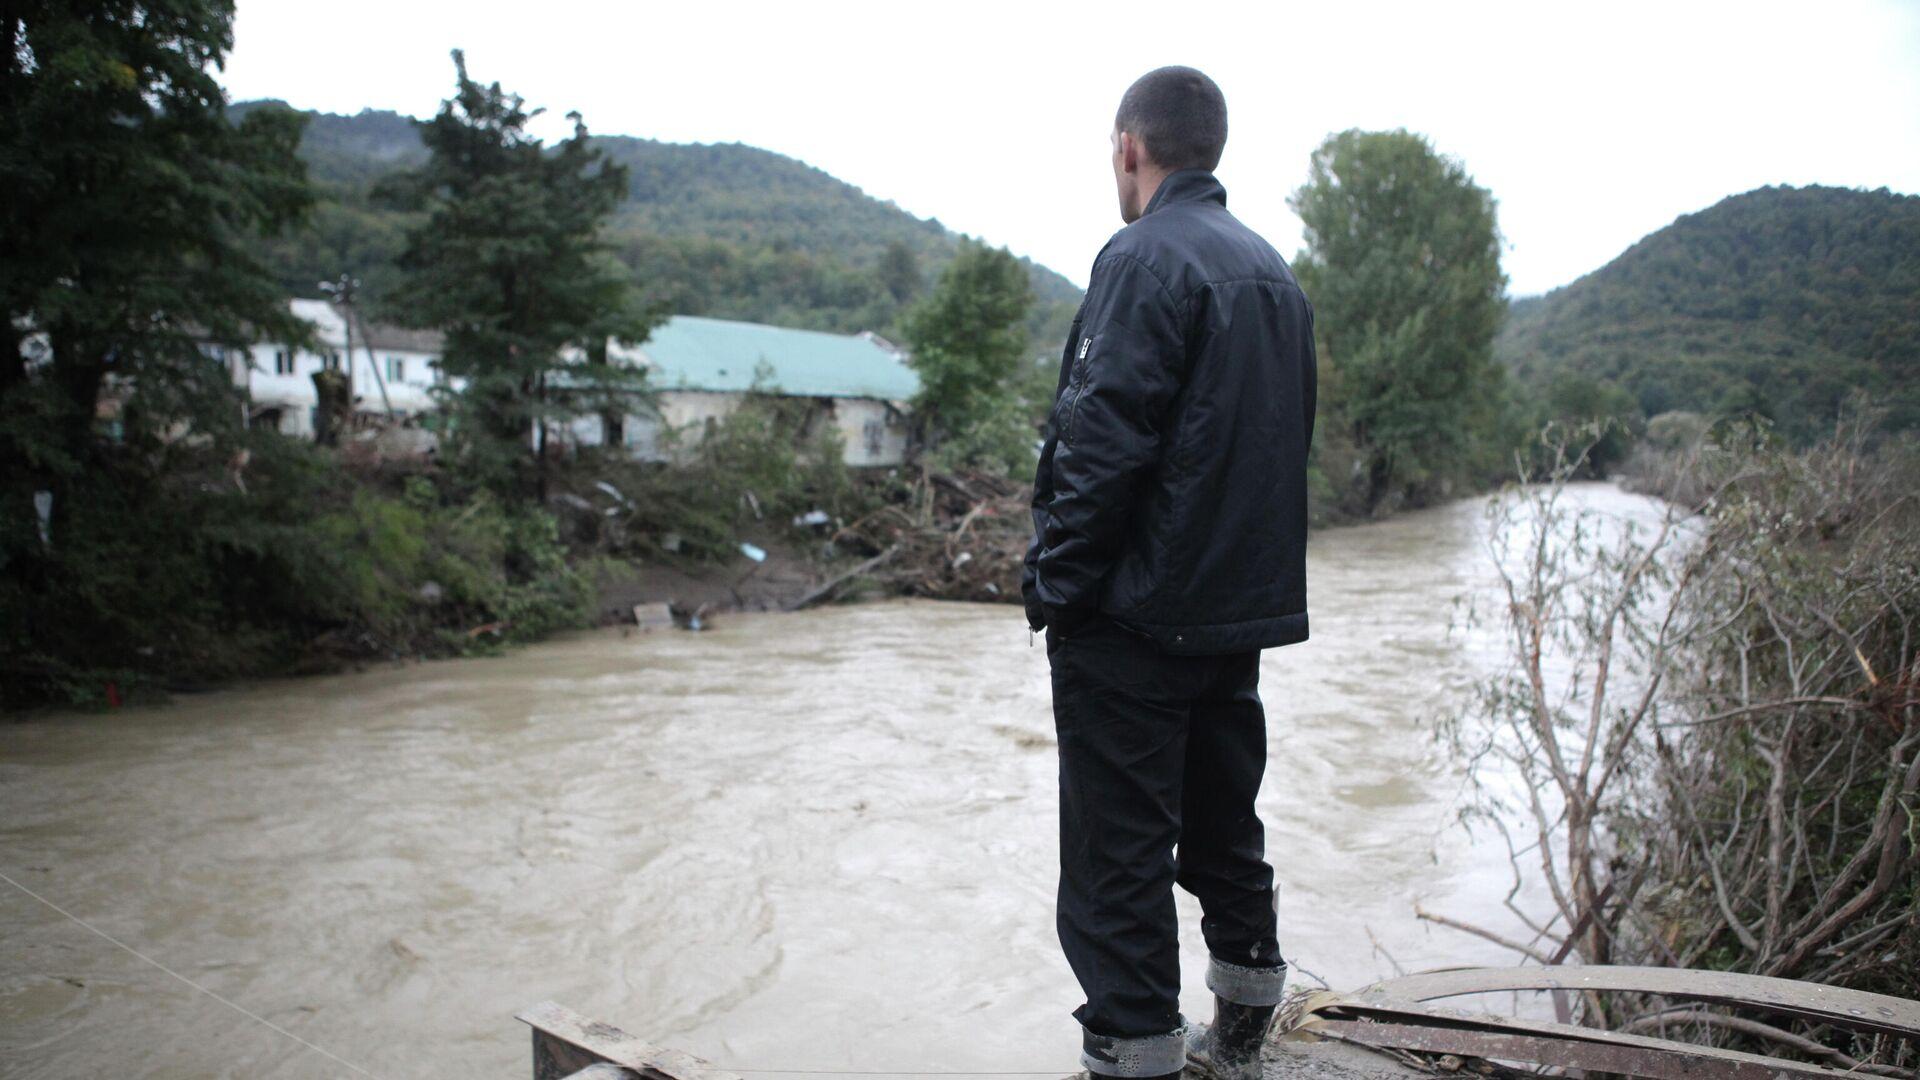 Последствия наводнения в Краснодарском крае - РИА Новости, 1920, 30.09.2020